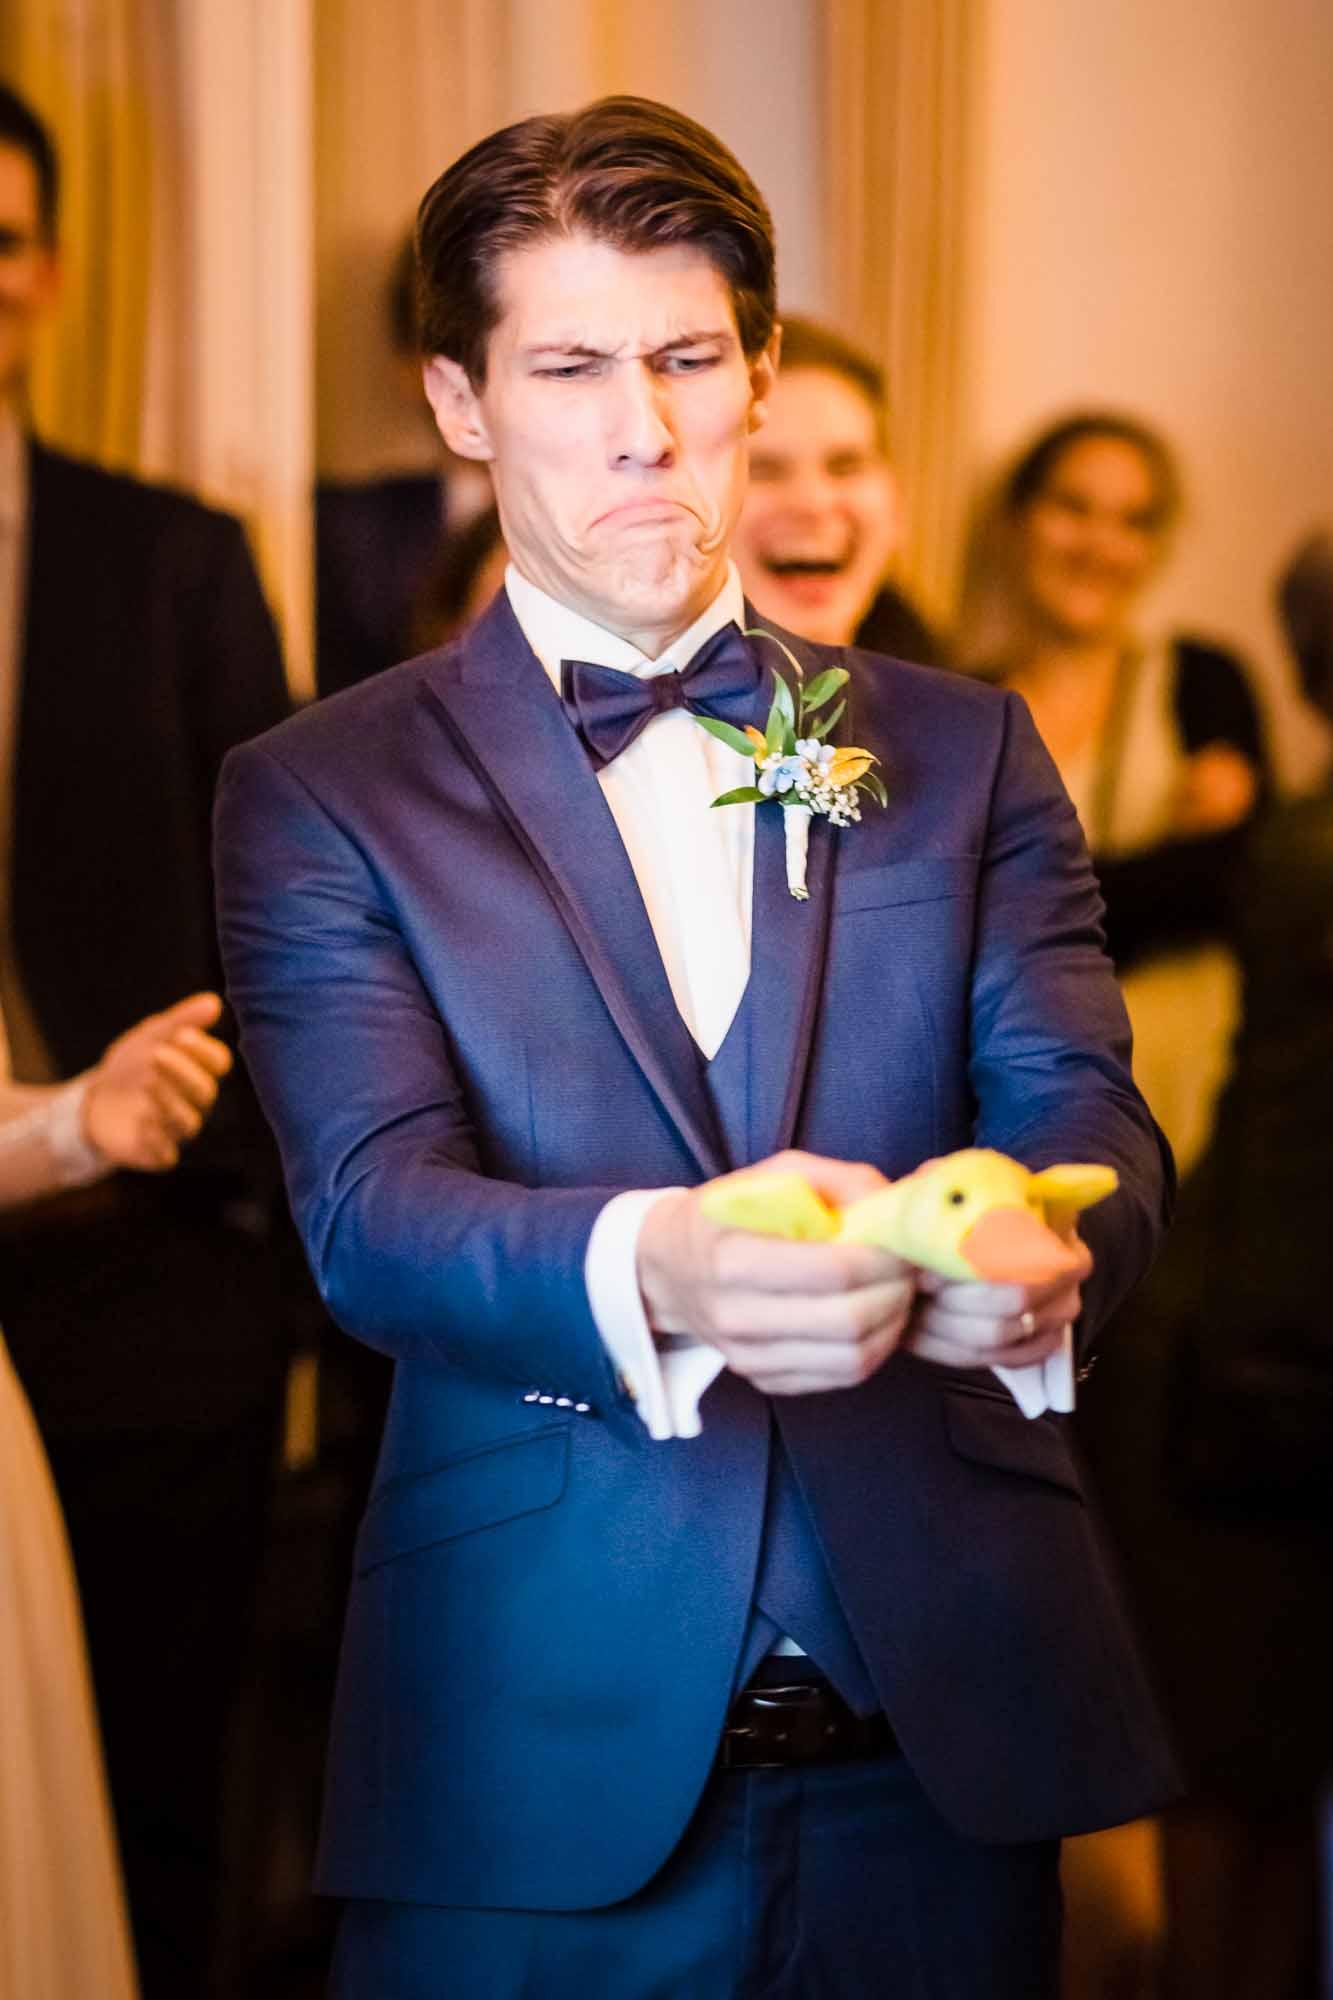 Bräutigam presst Quietschente zusammen